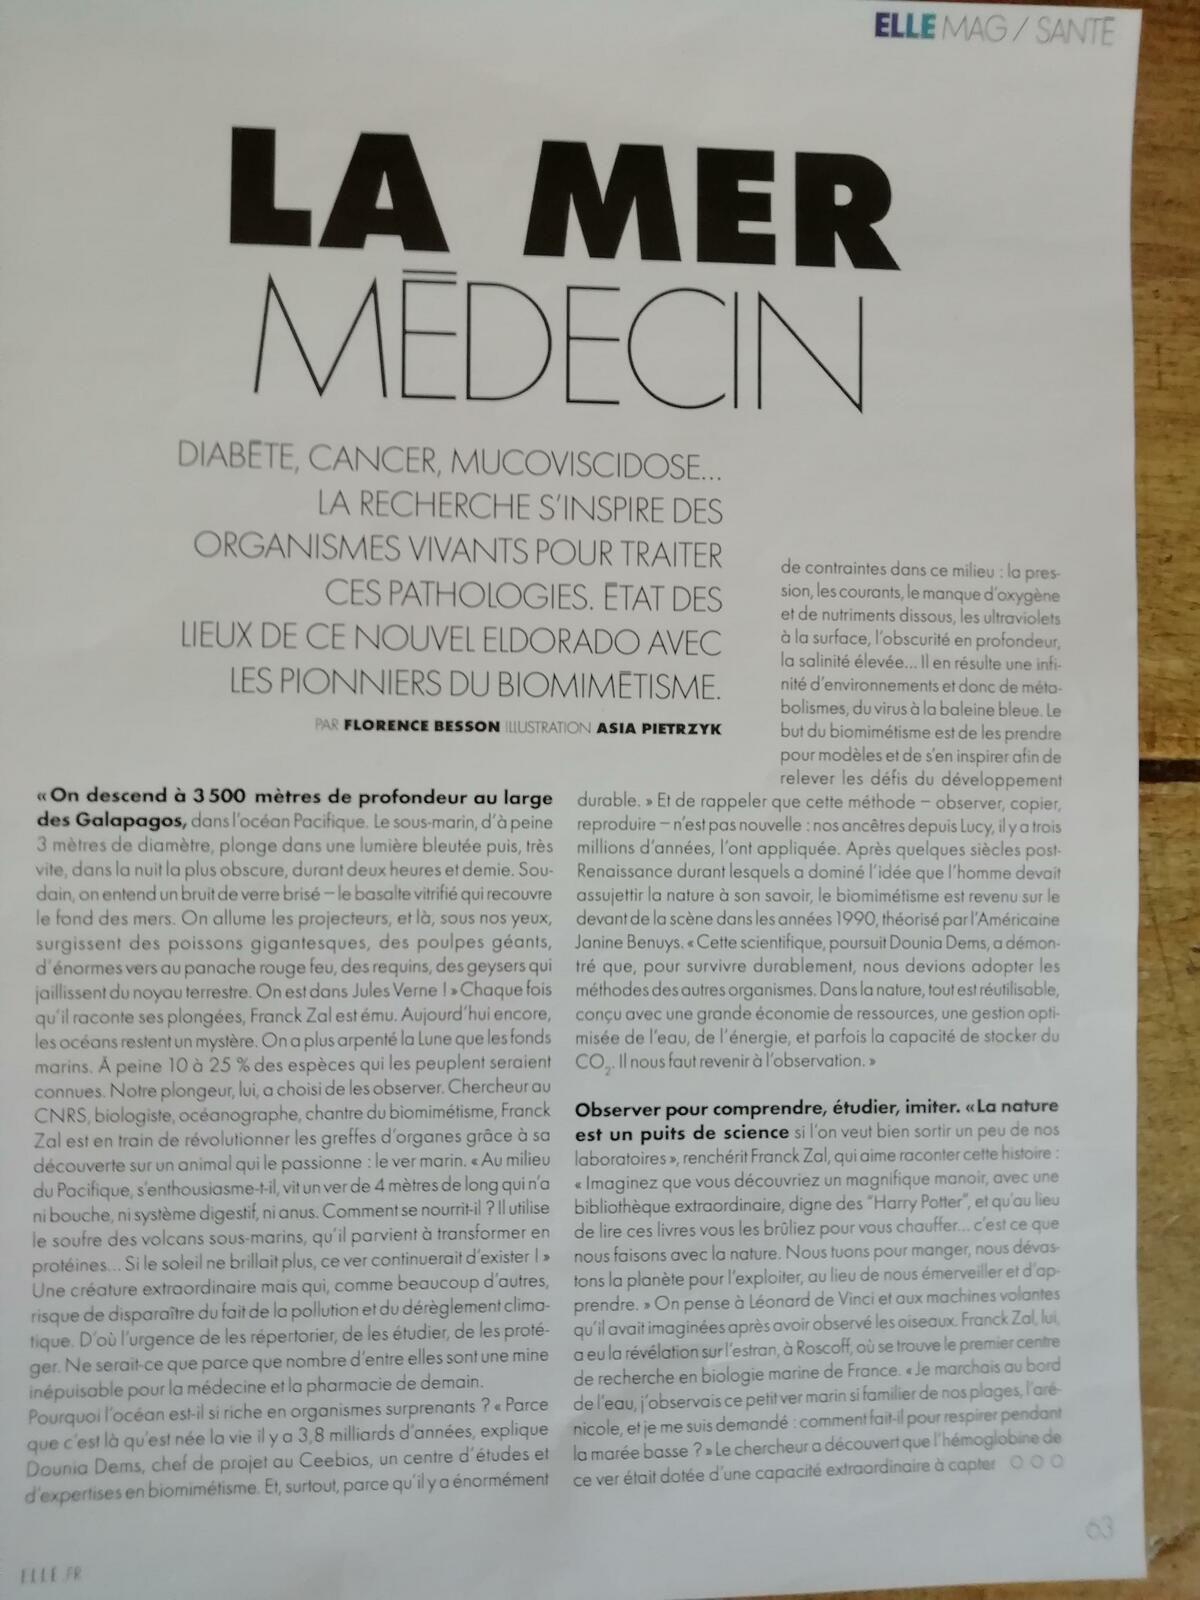 Vu et lu dans Elle du 15/01/21, l'Usine Nouvelle n° 3677 du 08/10/20, et Télérama n° 3708 du 03/02/21